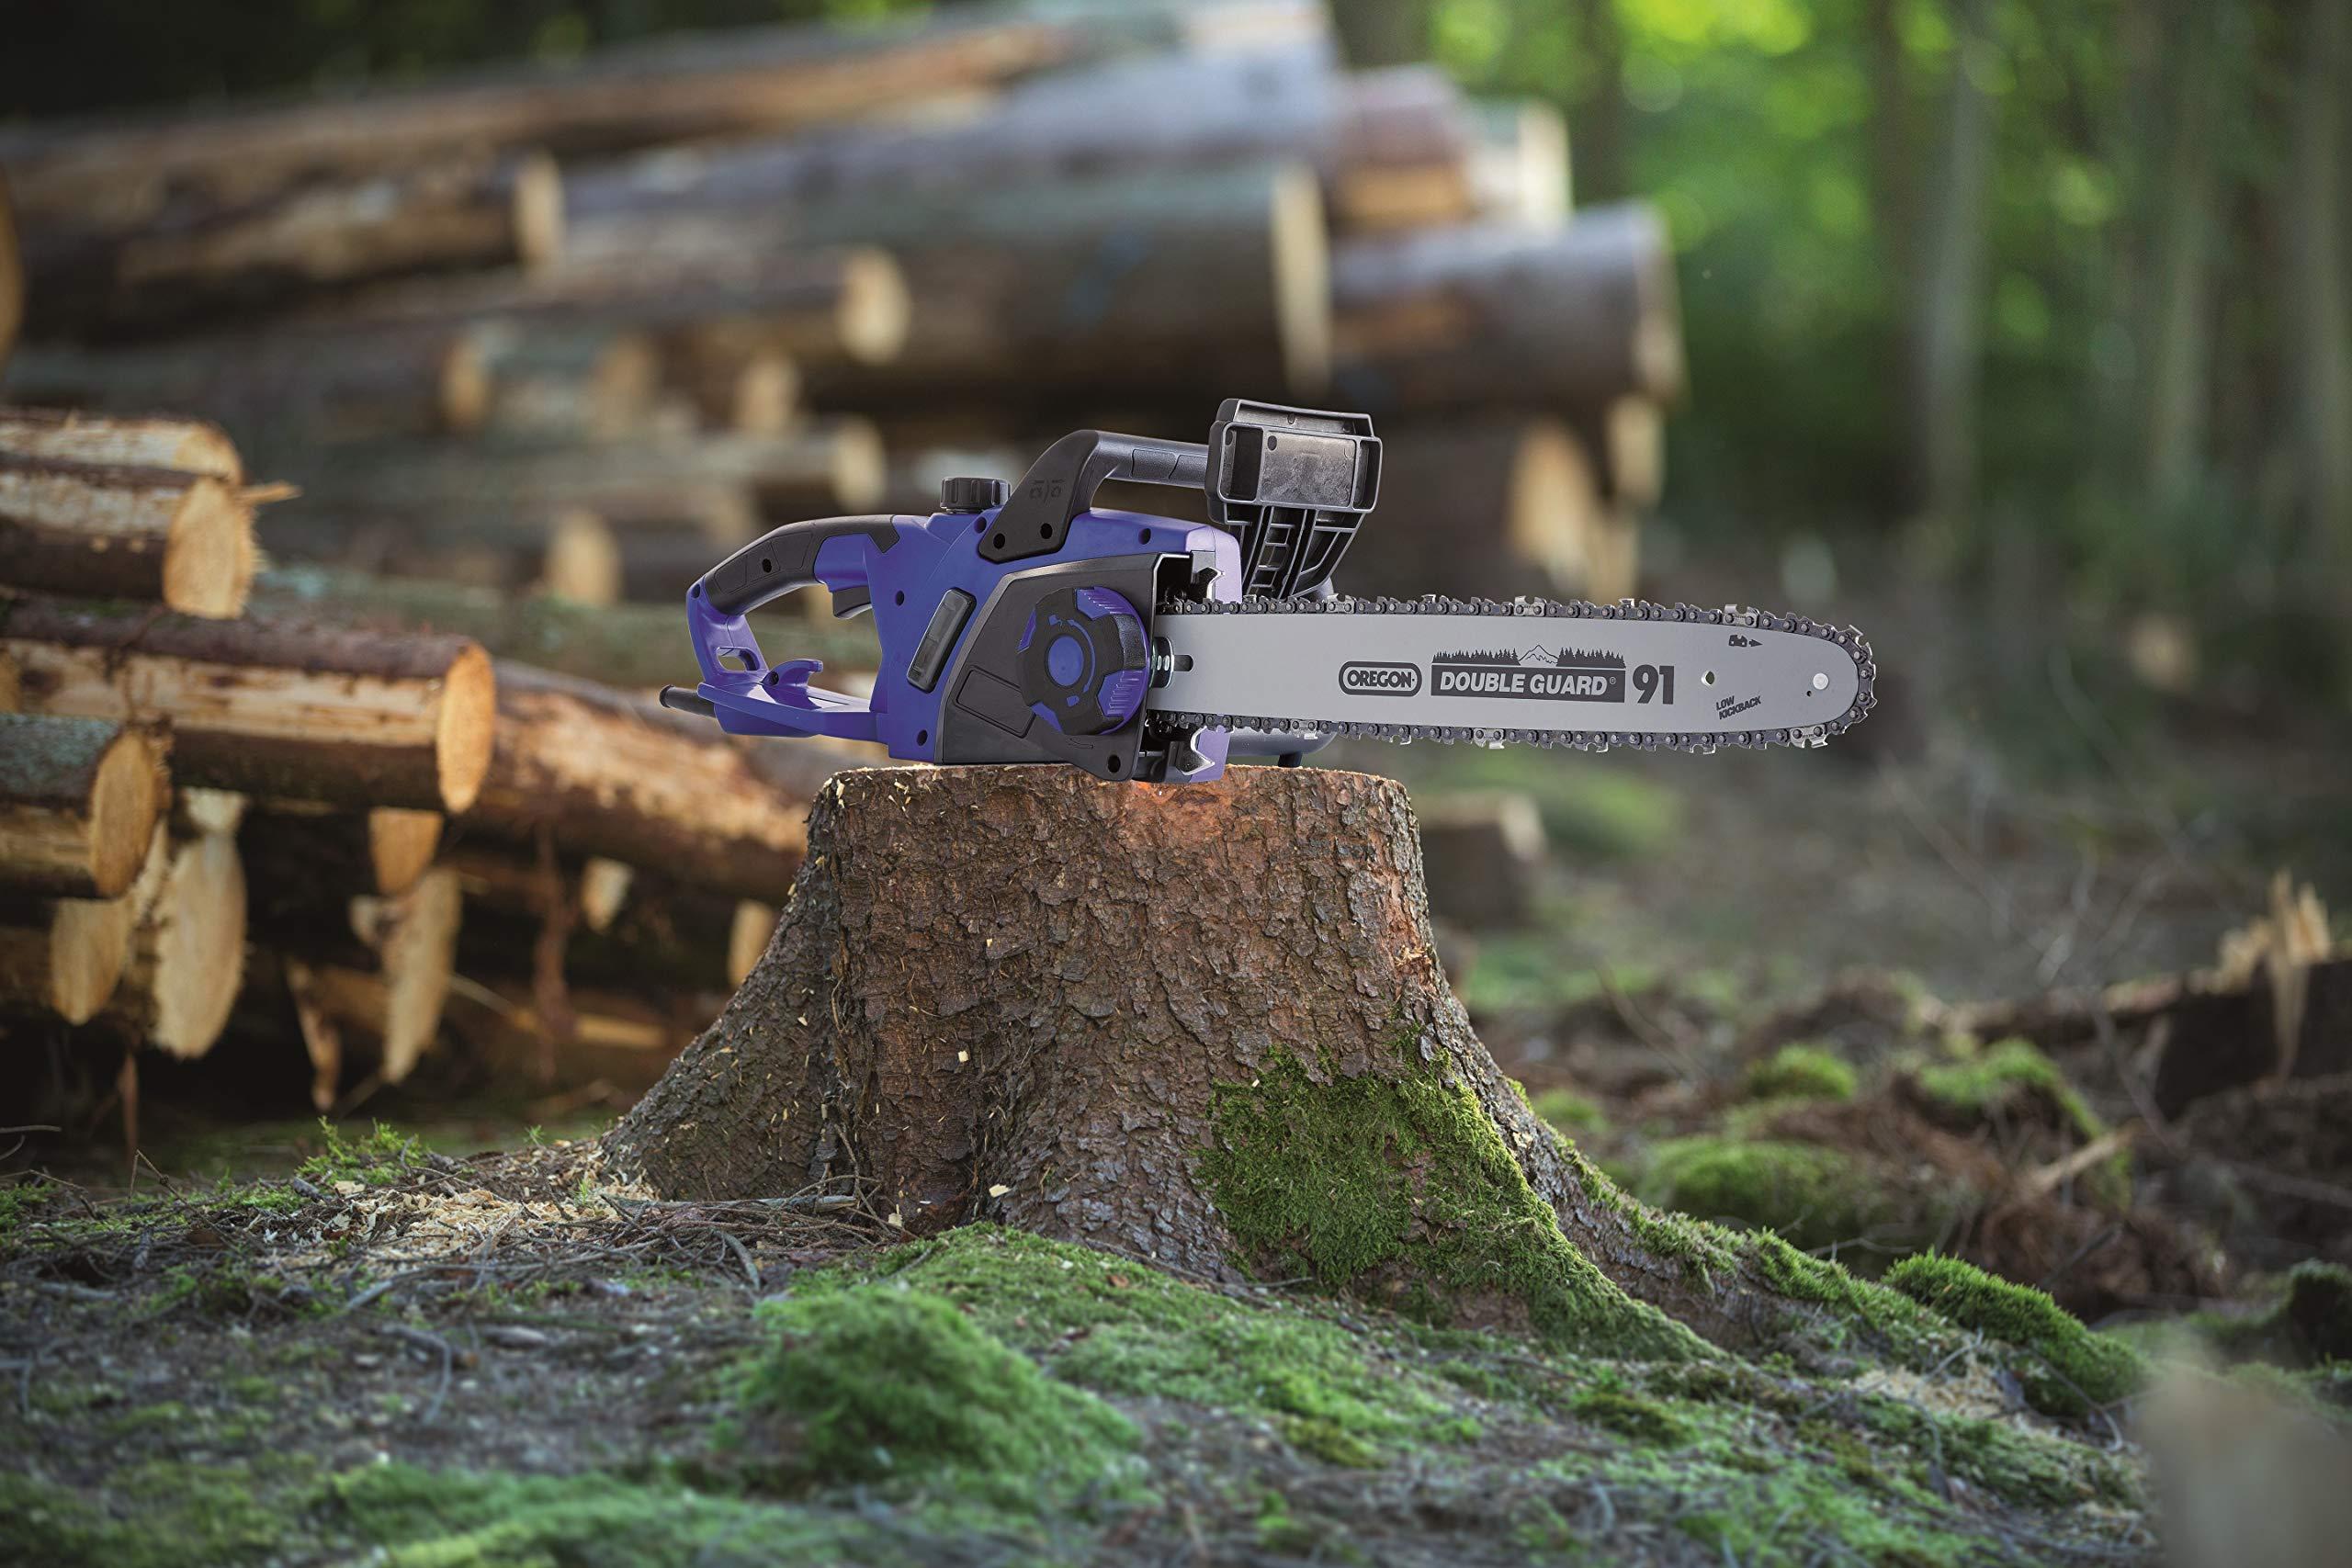 LUX-TOOLS-E-KS-240040-A-Elektro-Kettensge-mit-2400-W-einer-Schnittlnge-von-40-cm-und-berlastungsschutz-230-V-2400-W-Motorsge-mit-automatischer-Kettenschmierung